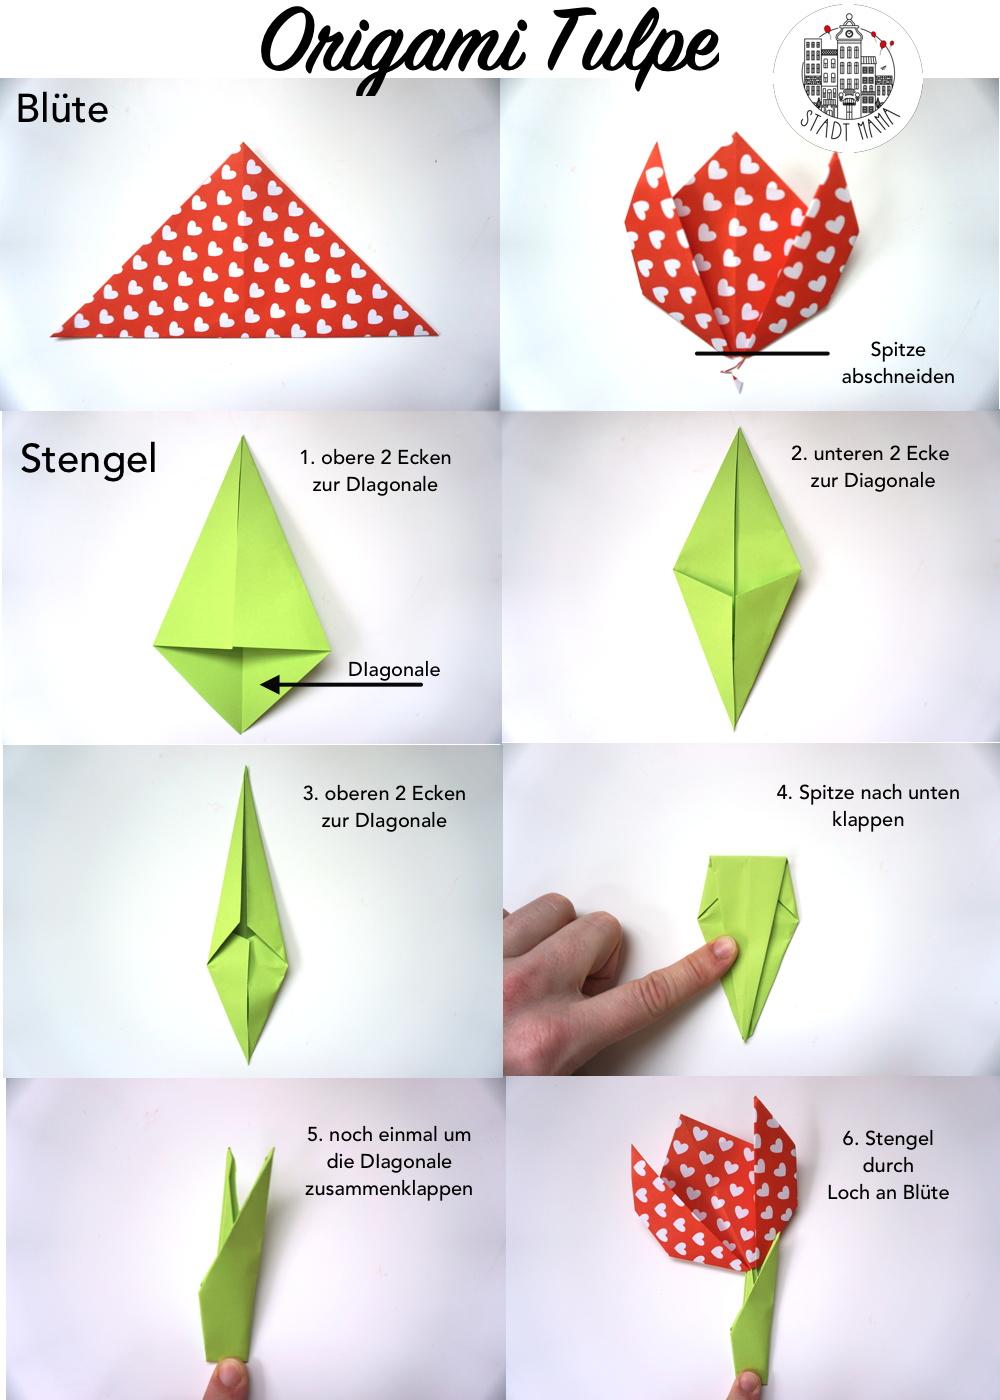 3 simple origami ideen f r kinder h schen tulpe und hund. Black Bedroom Furniture Sets. Home Design Ideas